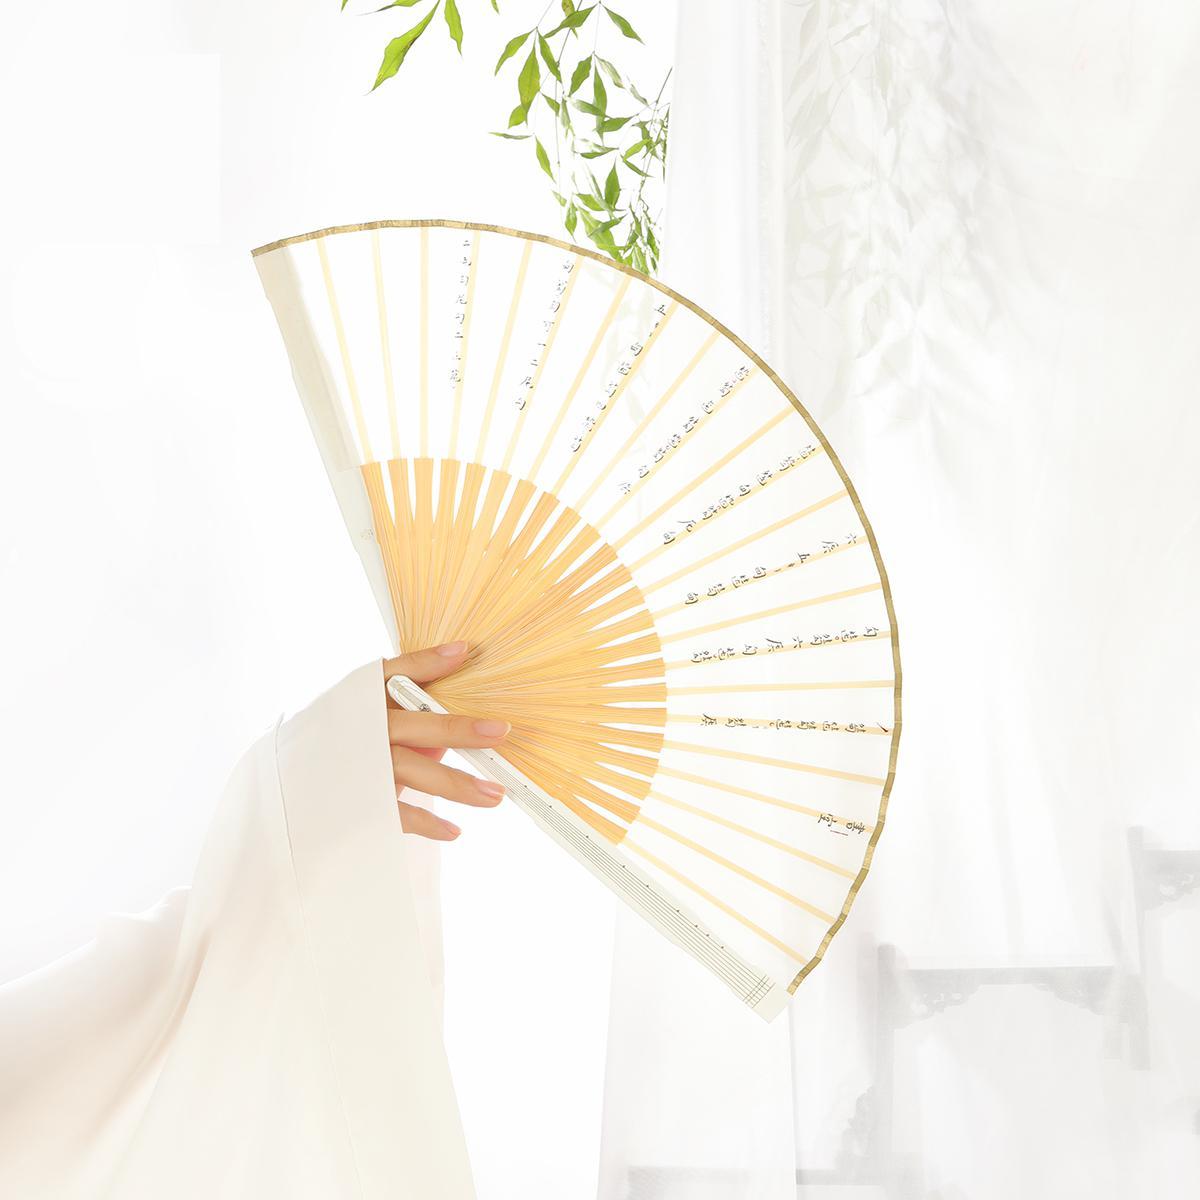 Cité interdite brise dans la brise, il semble y avoir vallée vide non voix-Guqin ventilateur os vent chinois pliant